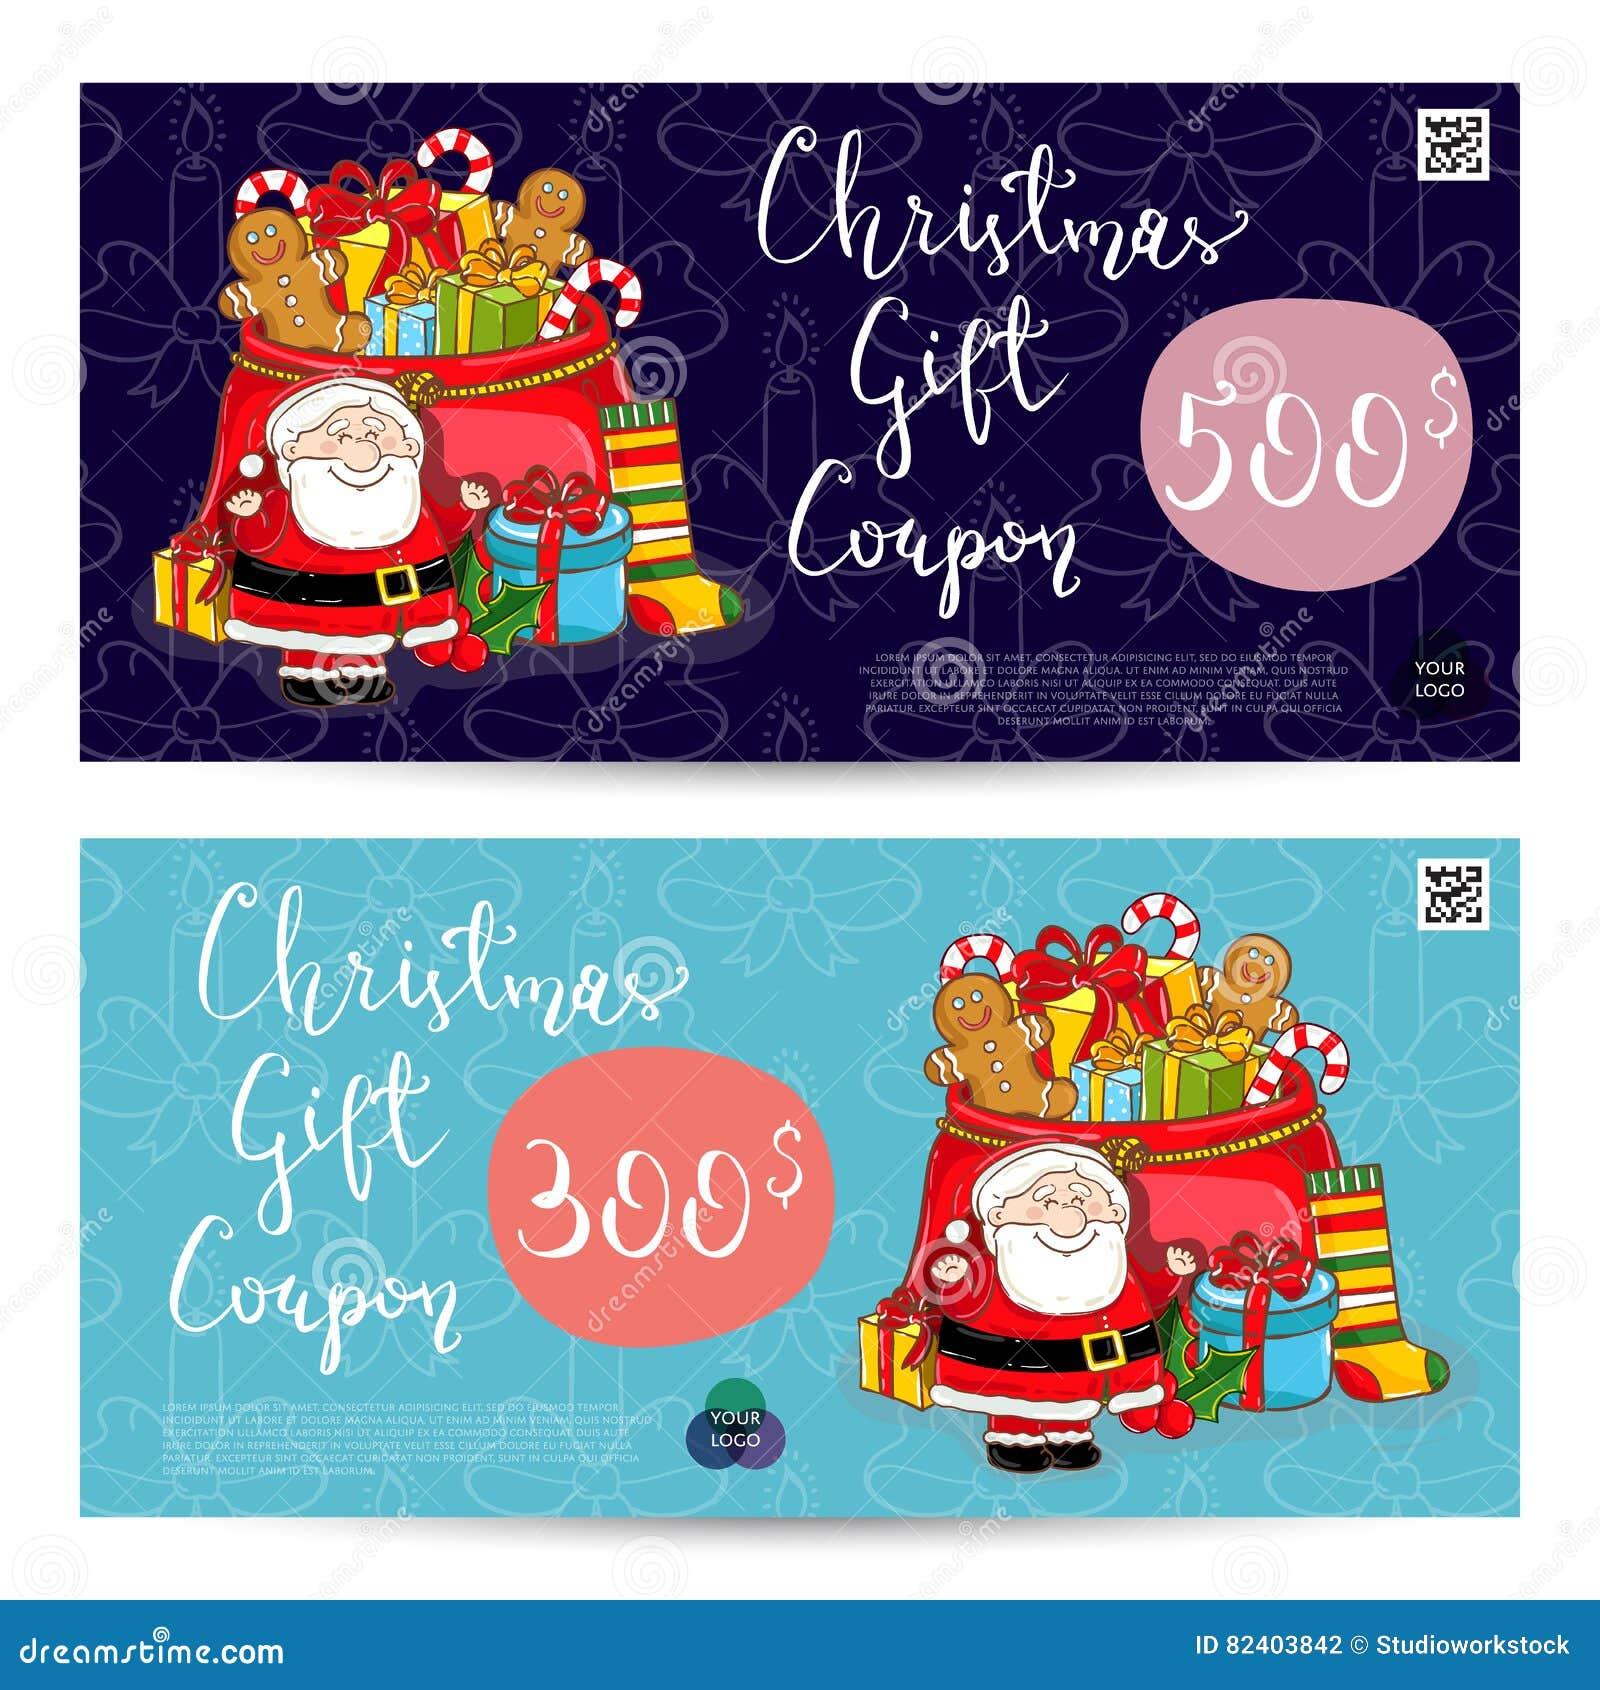 Weihnachtsgeschenkgutschein mit frankierter Summen-Schablone